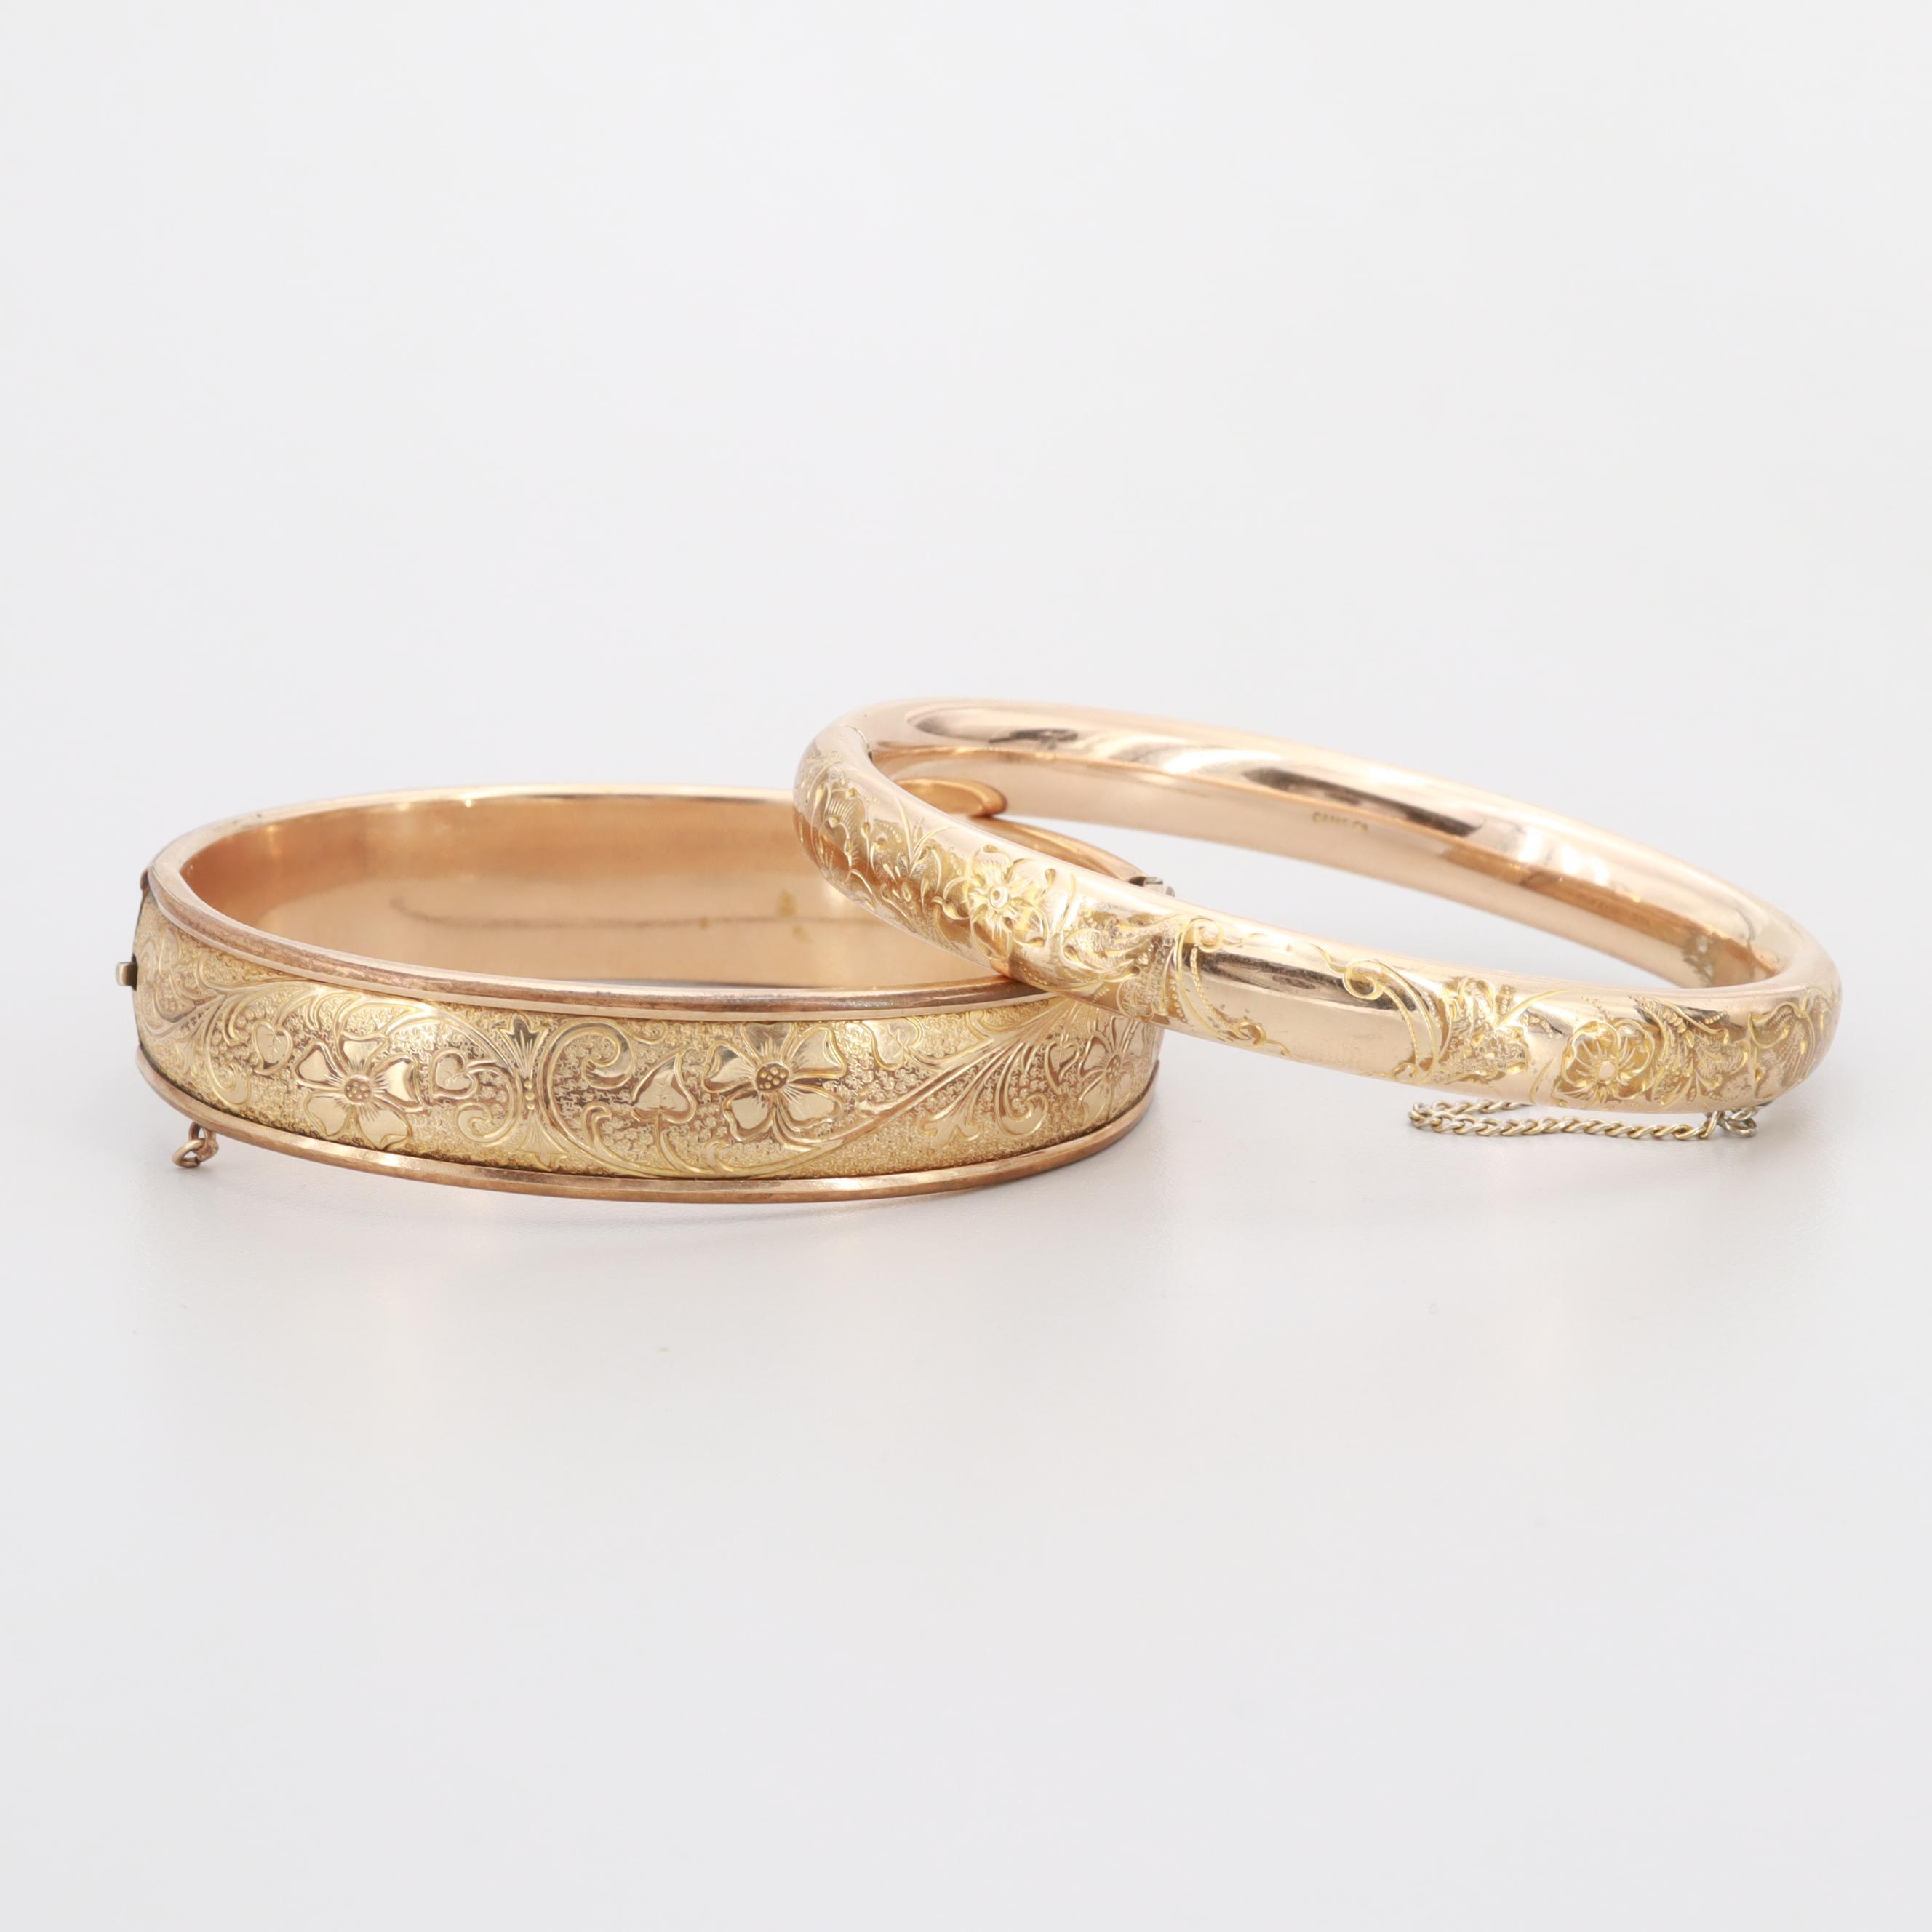 Art Deco Gold Filled Floral Etched Hinged Bangle Bracelets